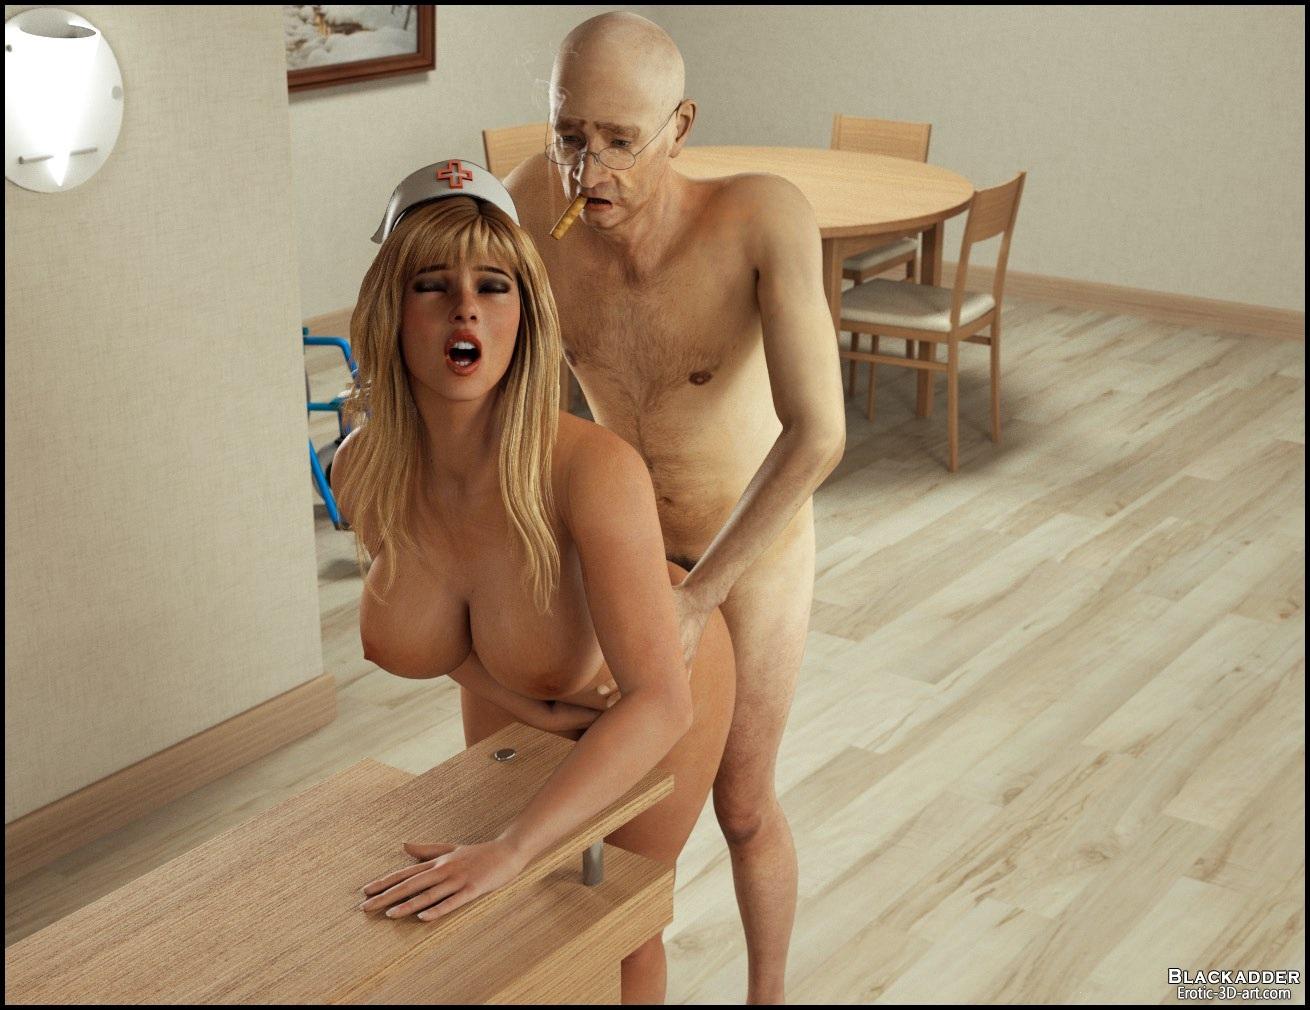 Видео порно в доме престарелых - Онлайн секс ролики для самых ...